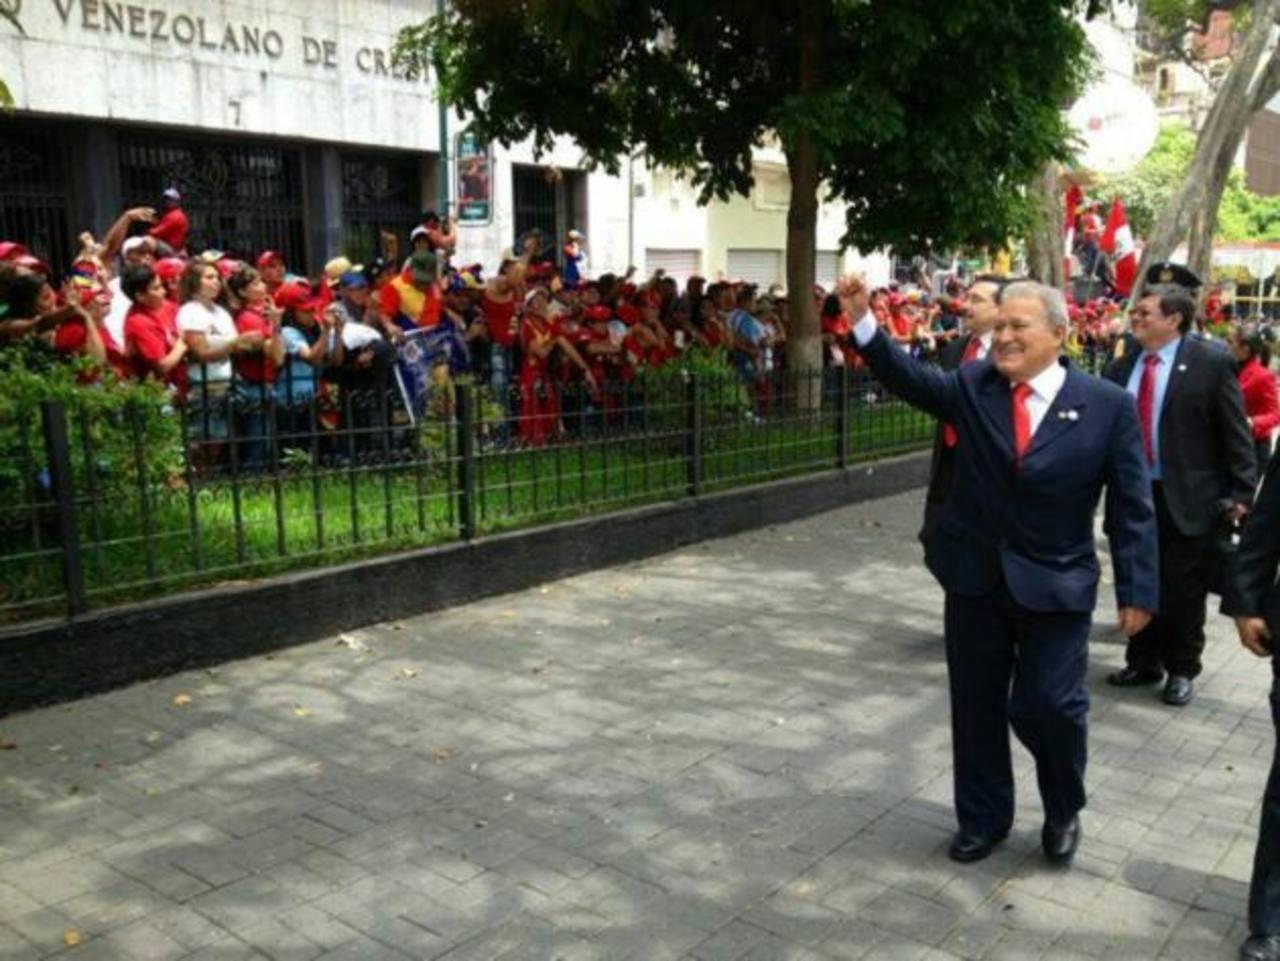 El vicepresidente salvadoreño Salvador Sánchez Cerén ingresando a la Asamblea Nacional, al acto de toma de posesión de Nicolás Maduro. foto edh